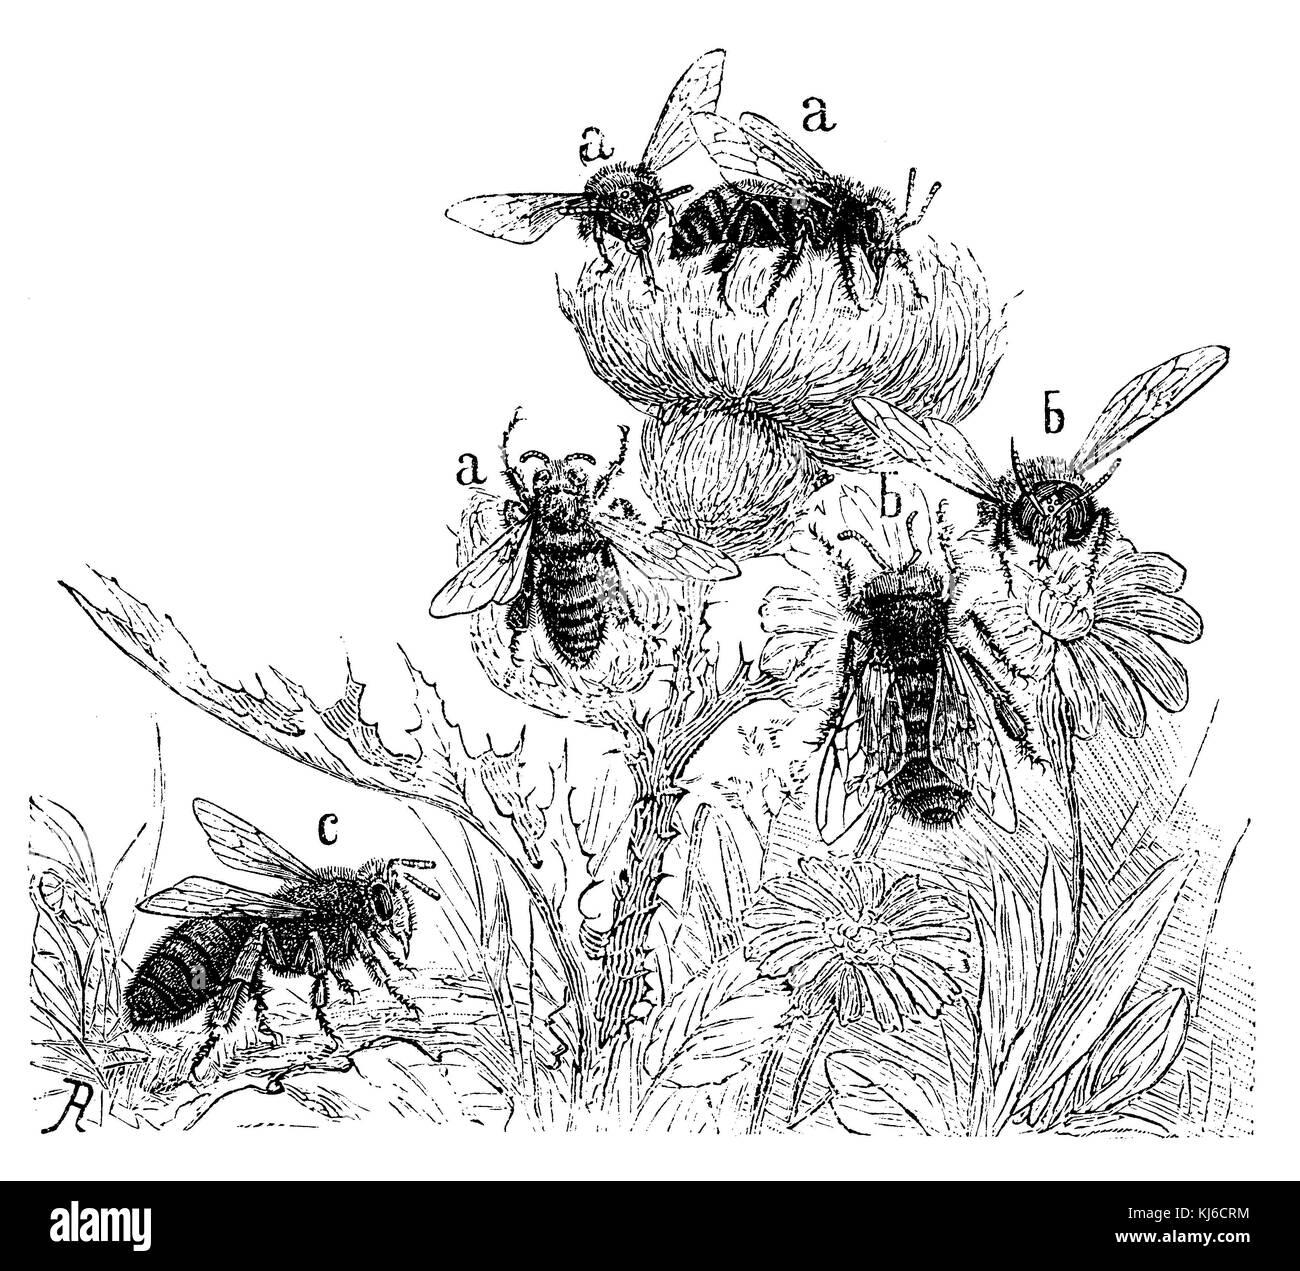 Workers (a), drones (b), Queen (c): Honey bee (Honigbiene: Arbeiterinnen (a), Drohnen (b), Königin (c)) - Stock Image